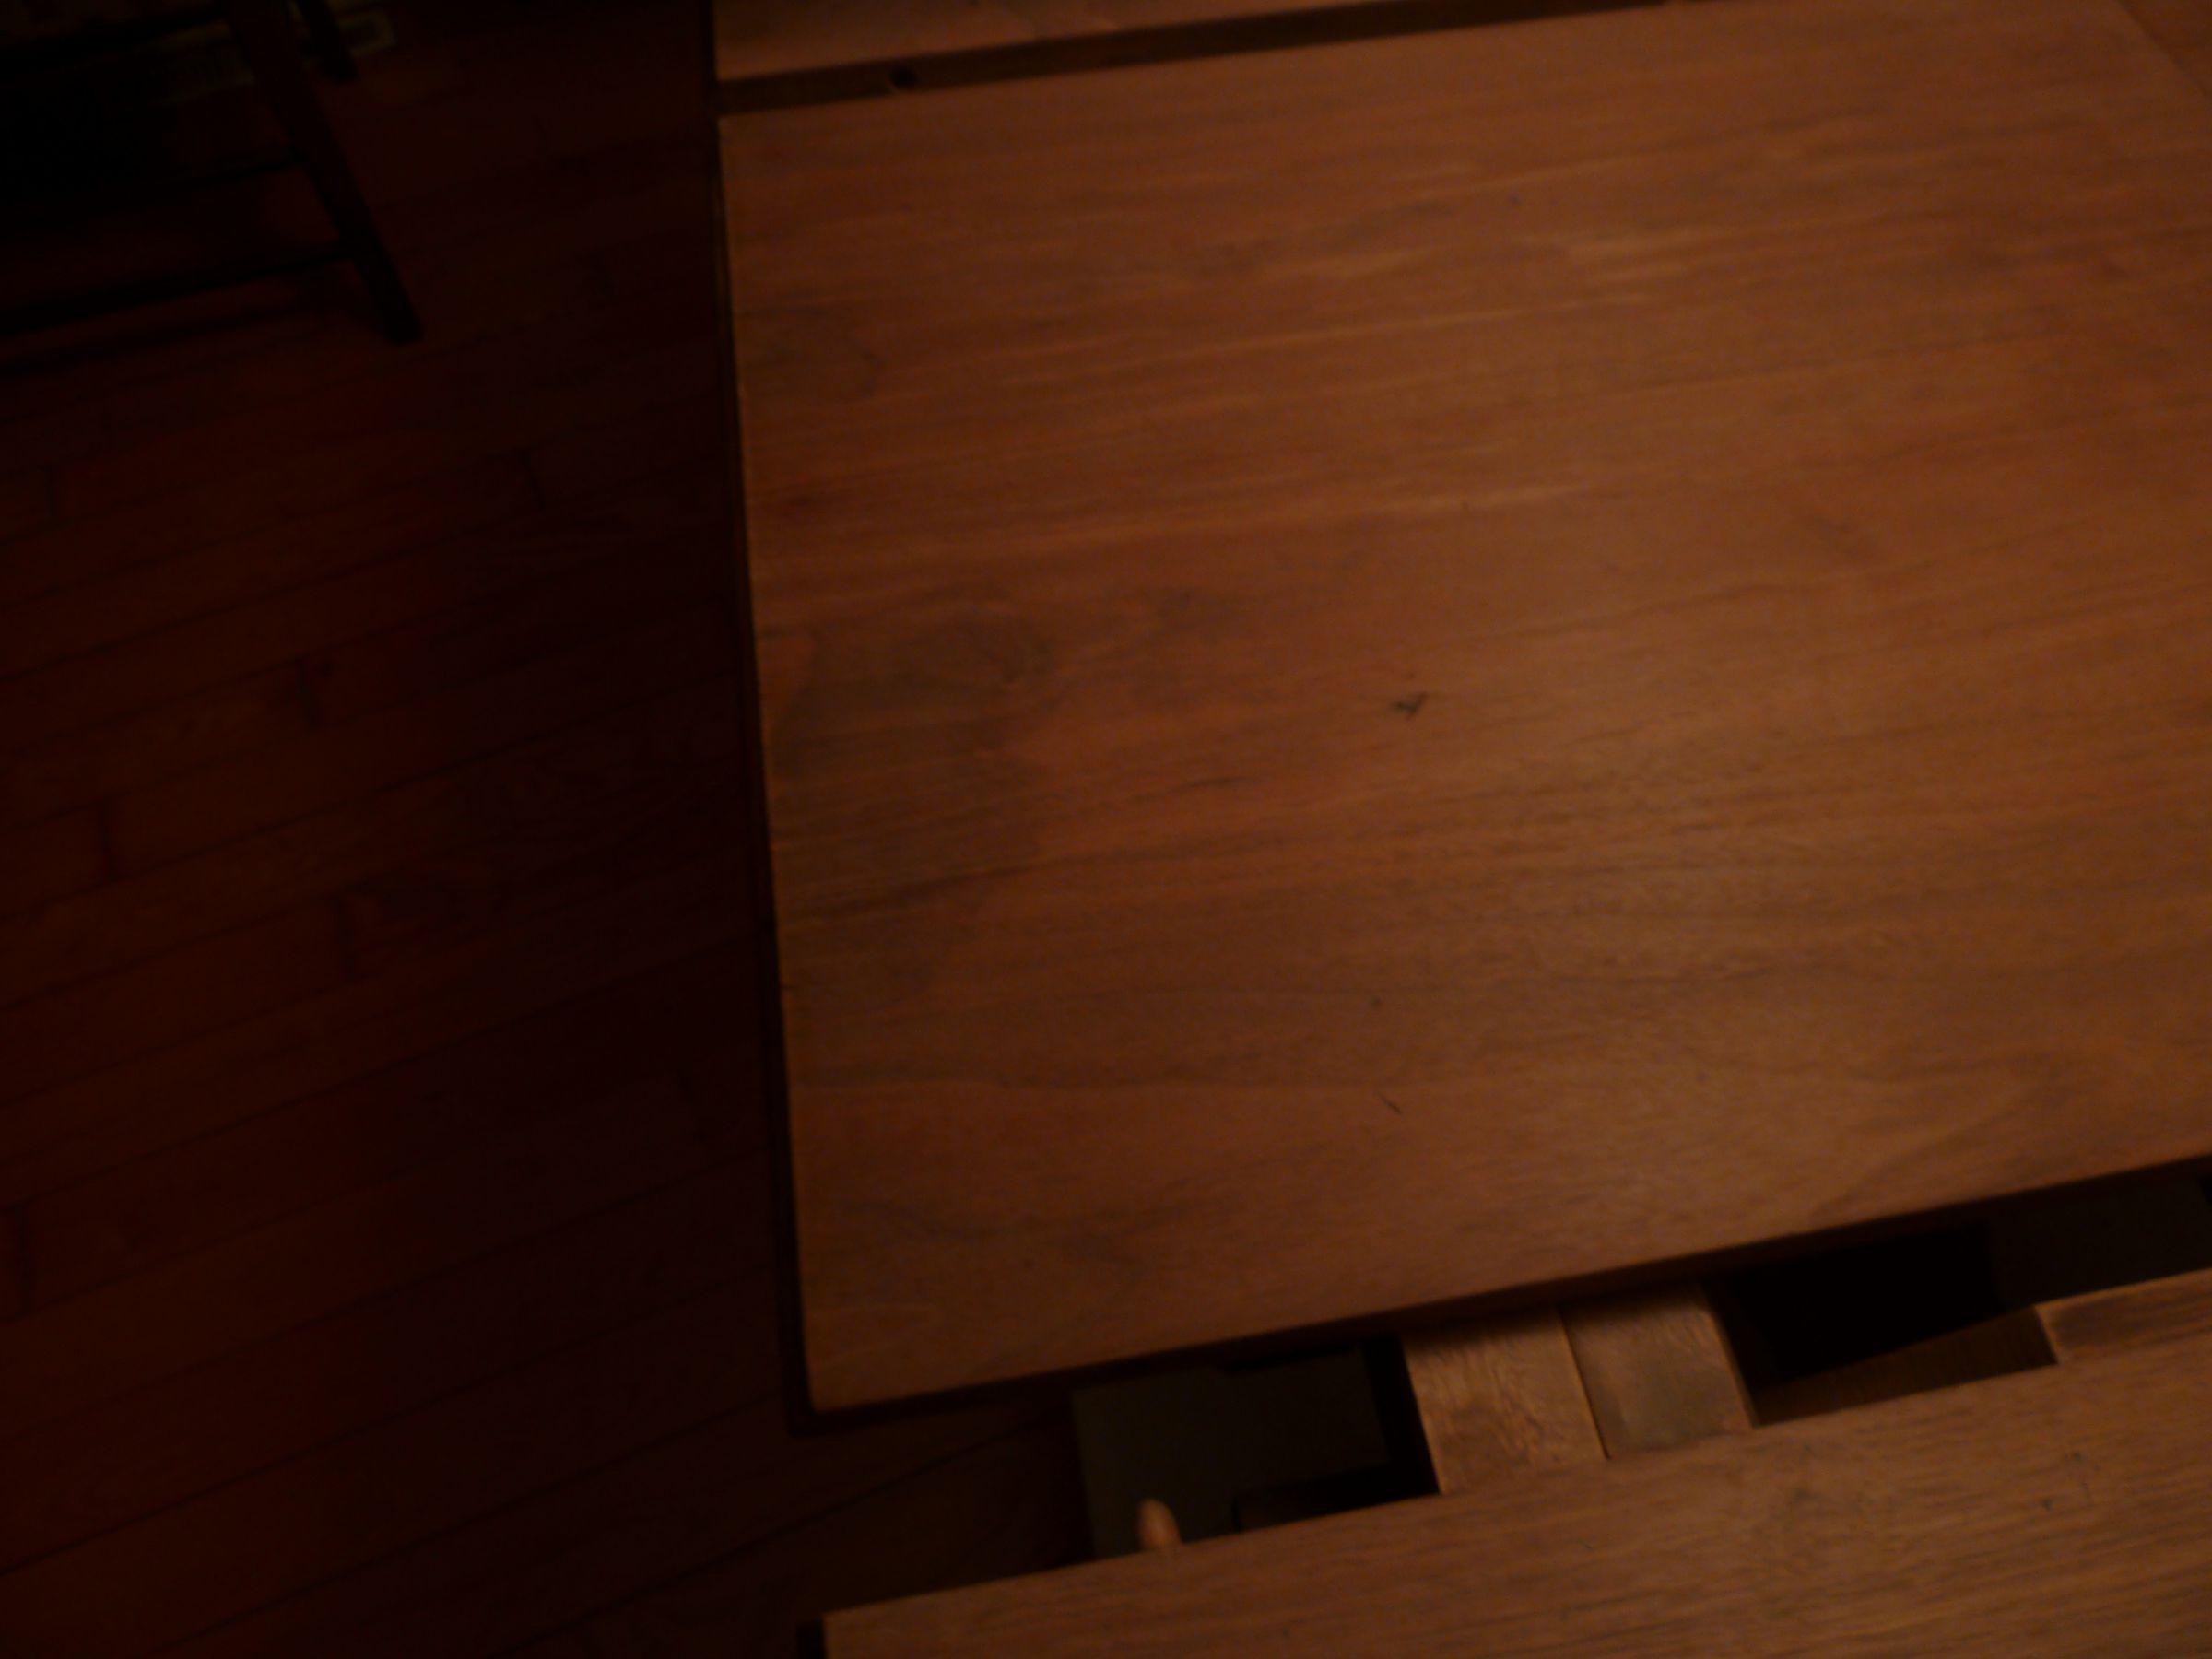 T che sur table en bois for Tache blanche sur table en bois